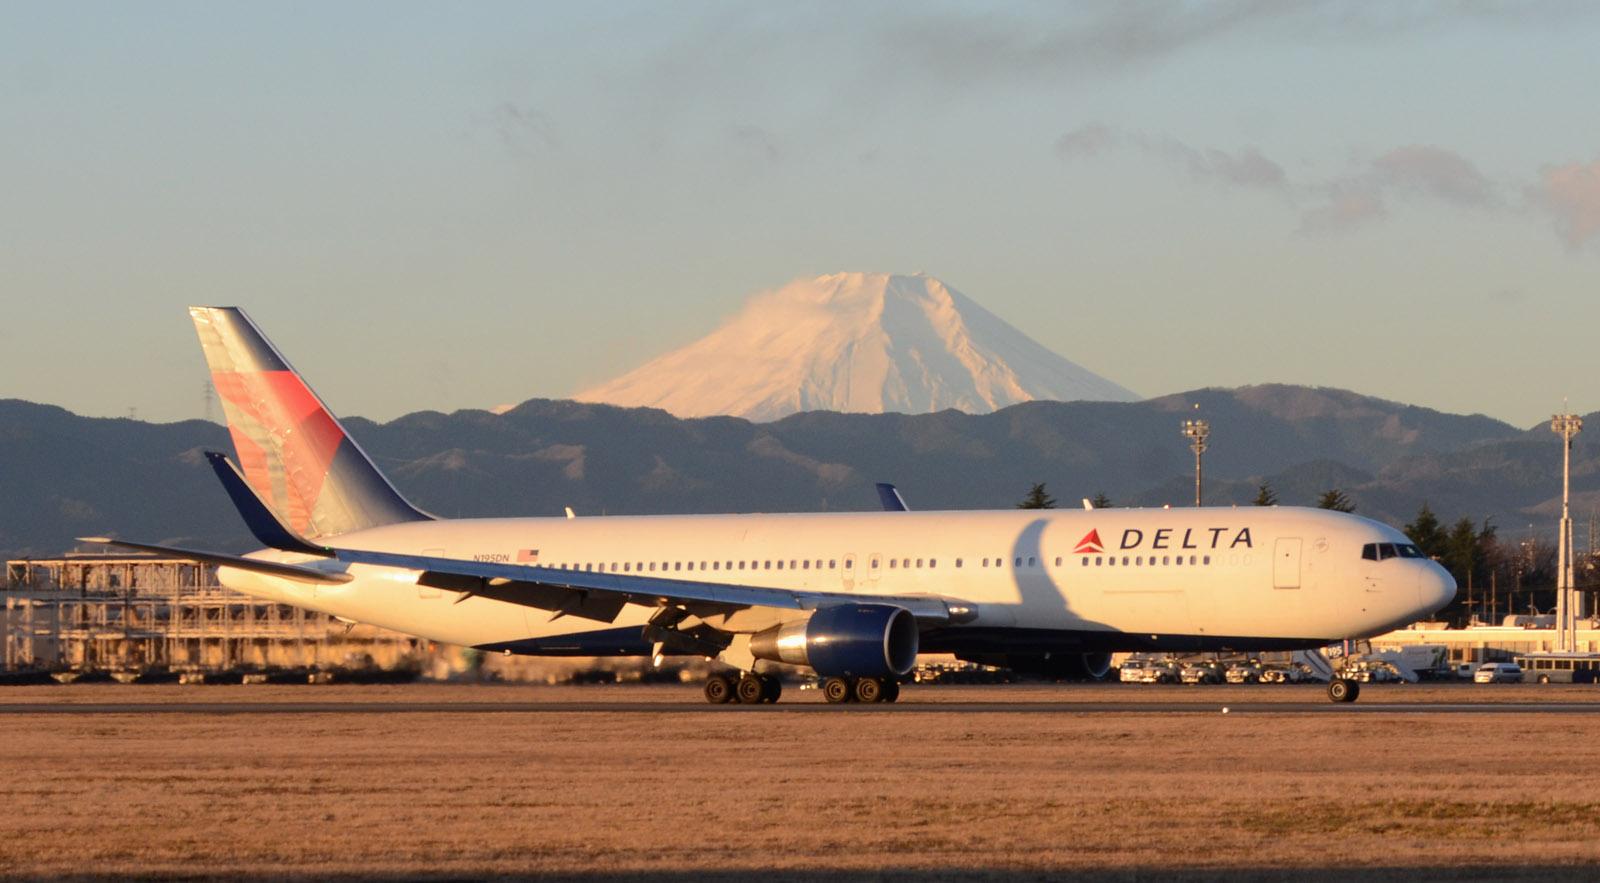 Delta141218g533